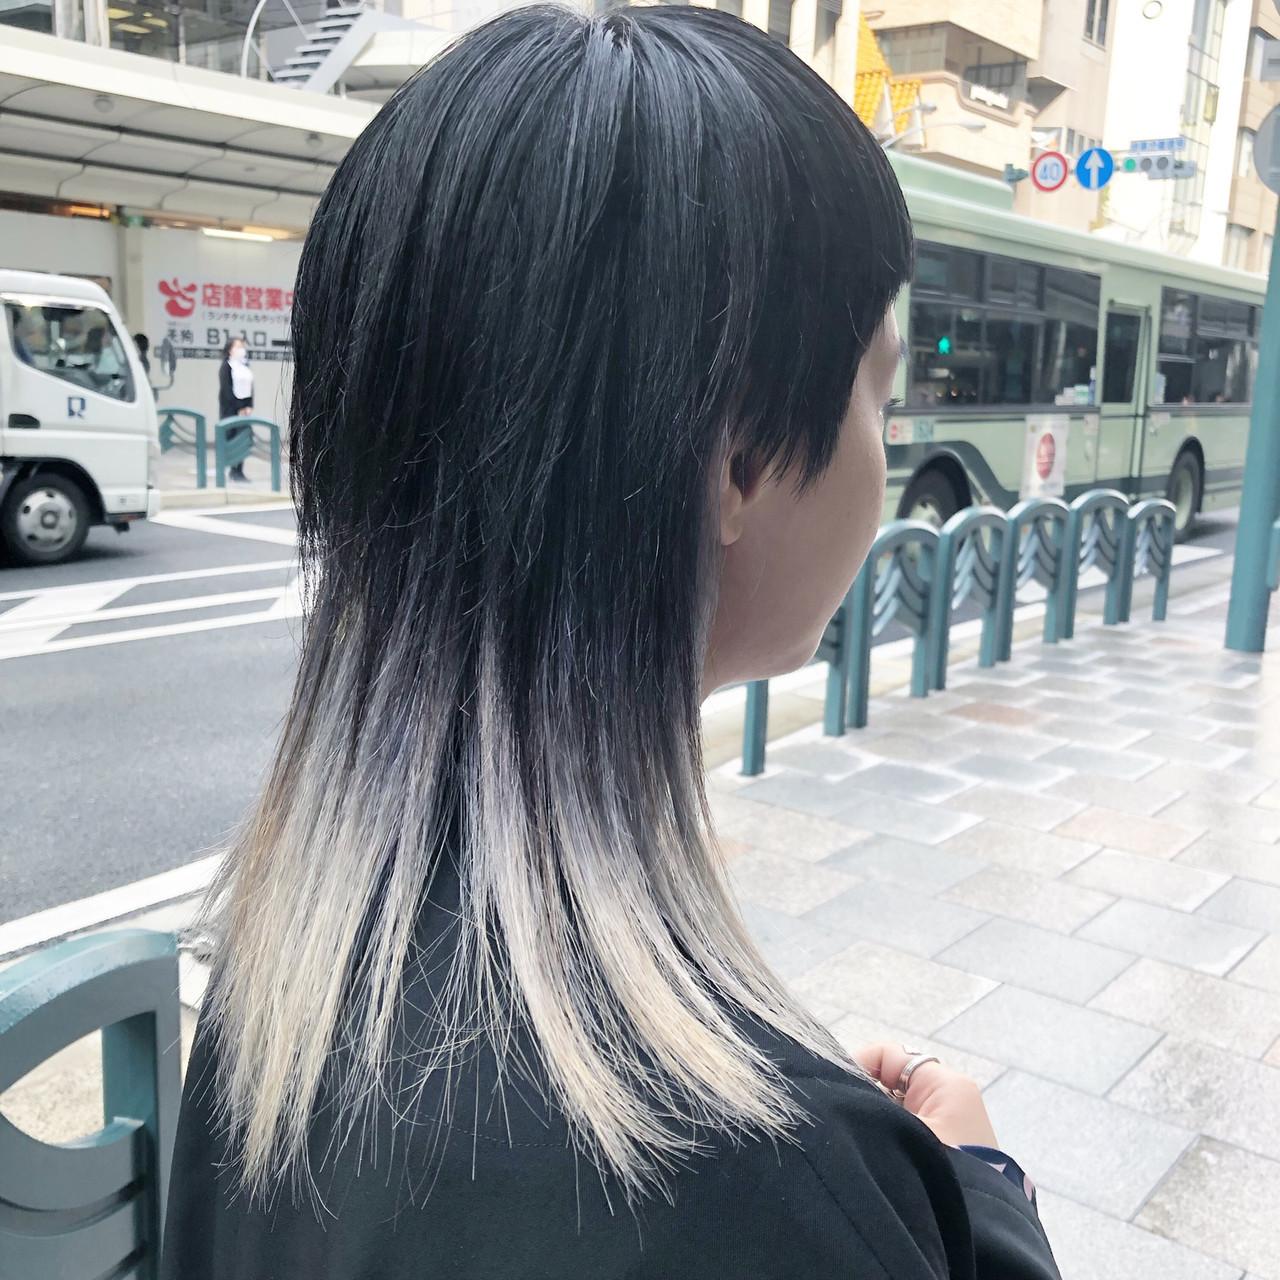 イルミナカラー モード スモーキーカラー ロング ヘアスタイルや髪型の写真・画像